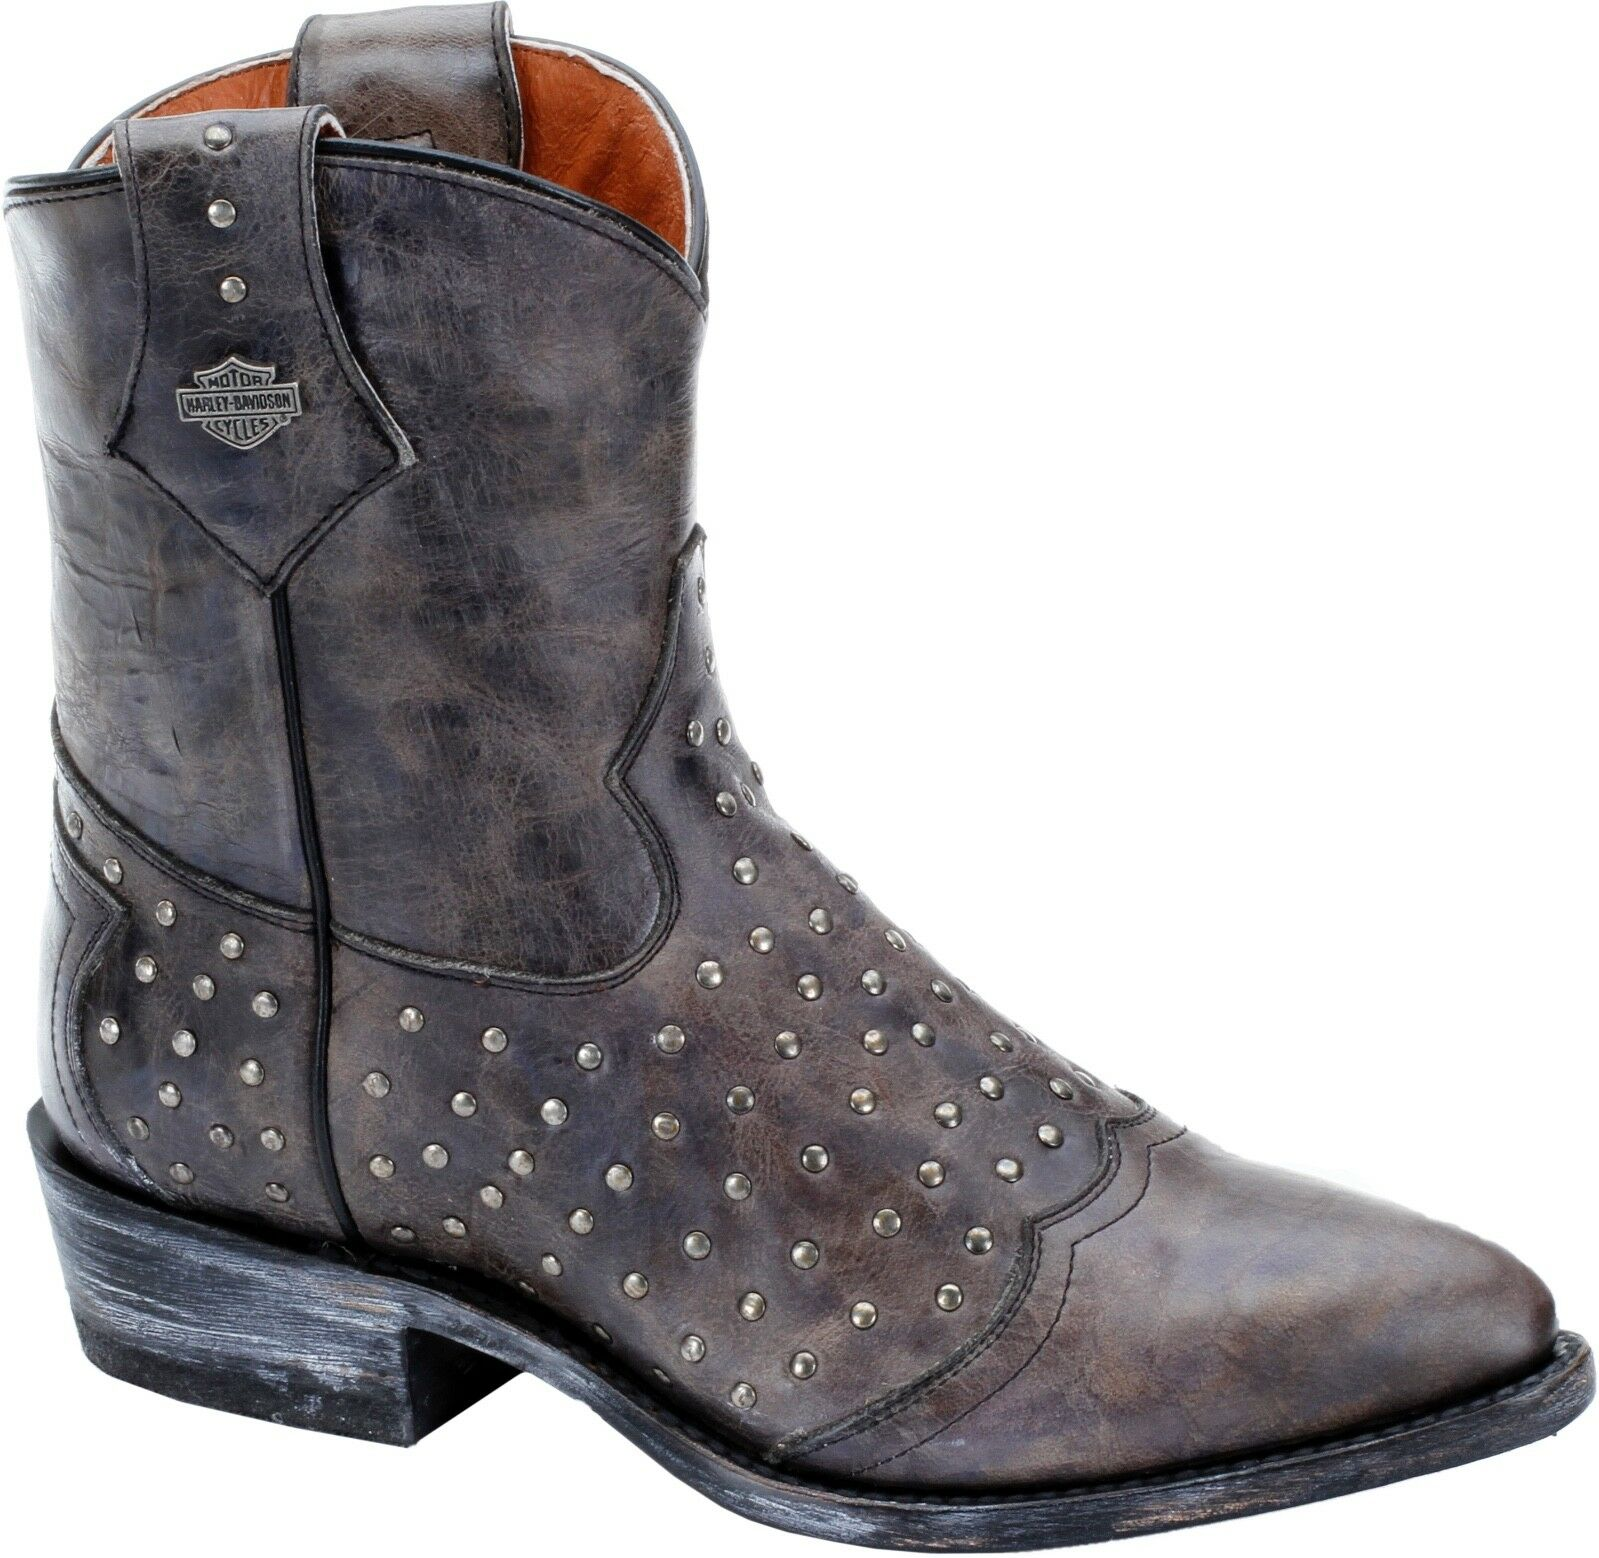 Nuevas botas para mujer Harley-Davidson púrpuraa D83752